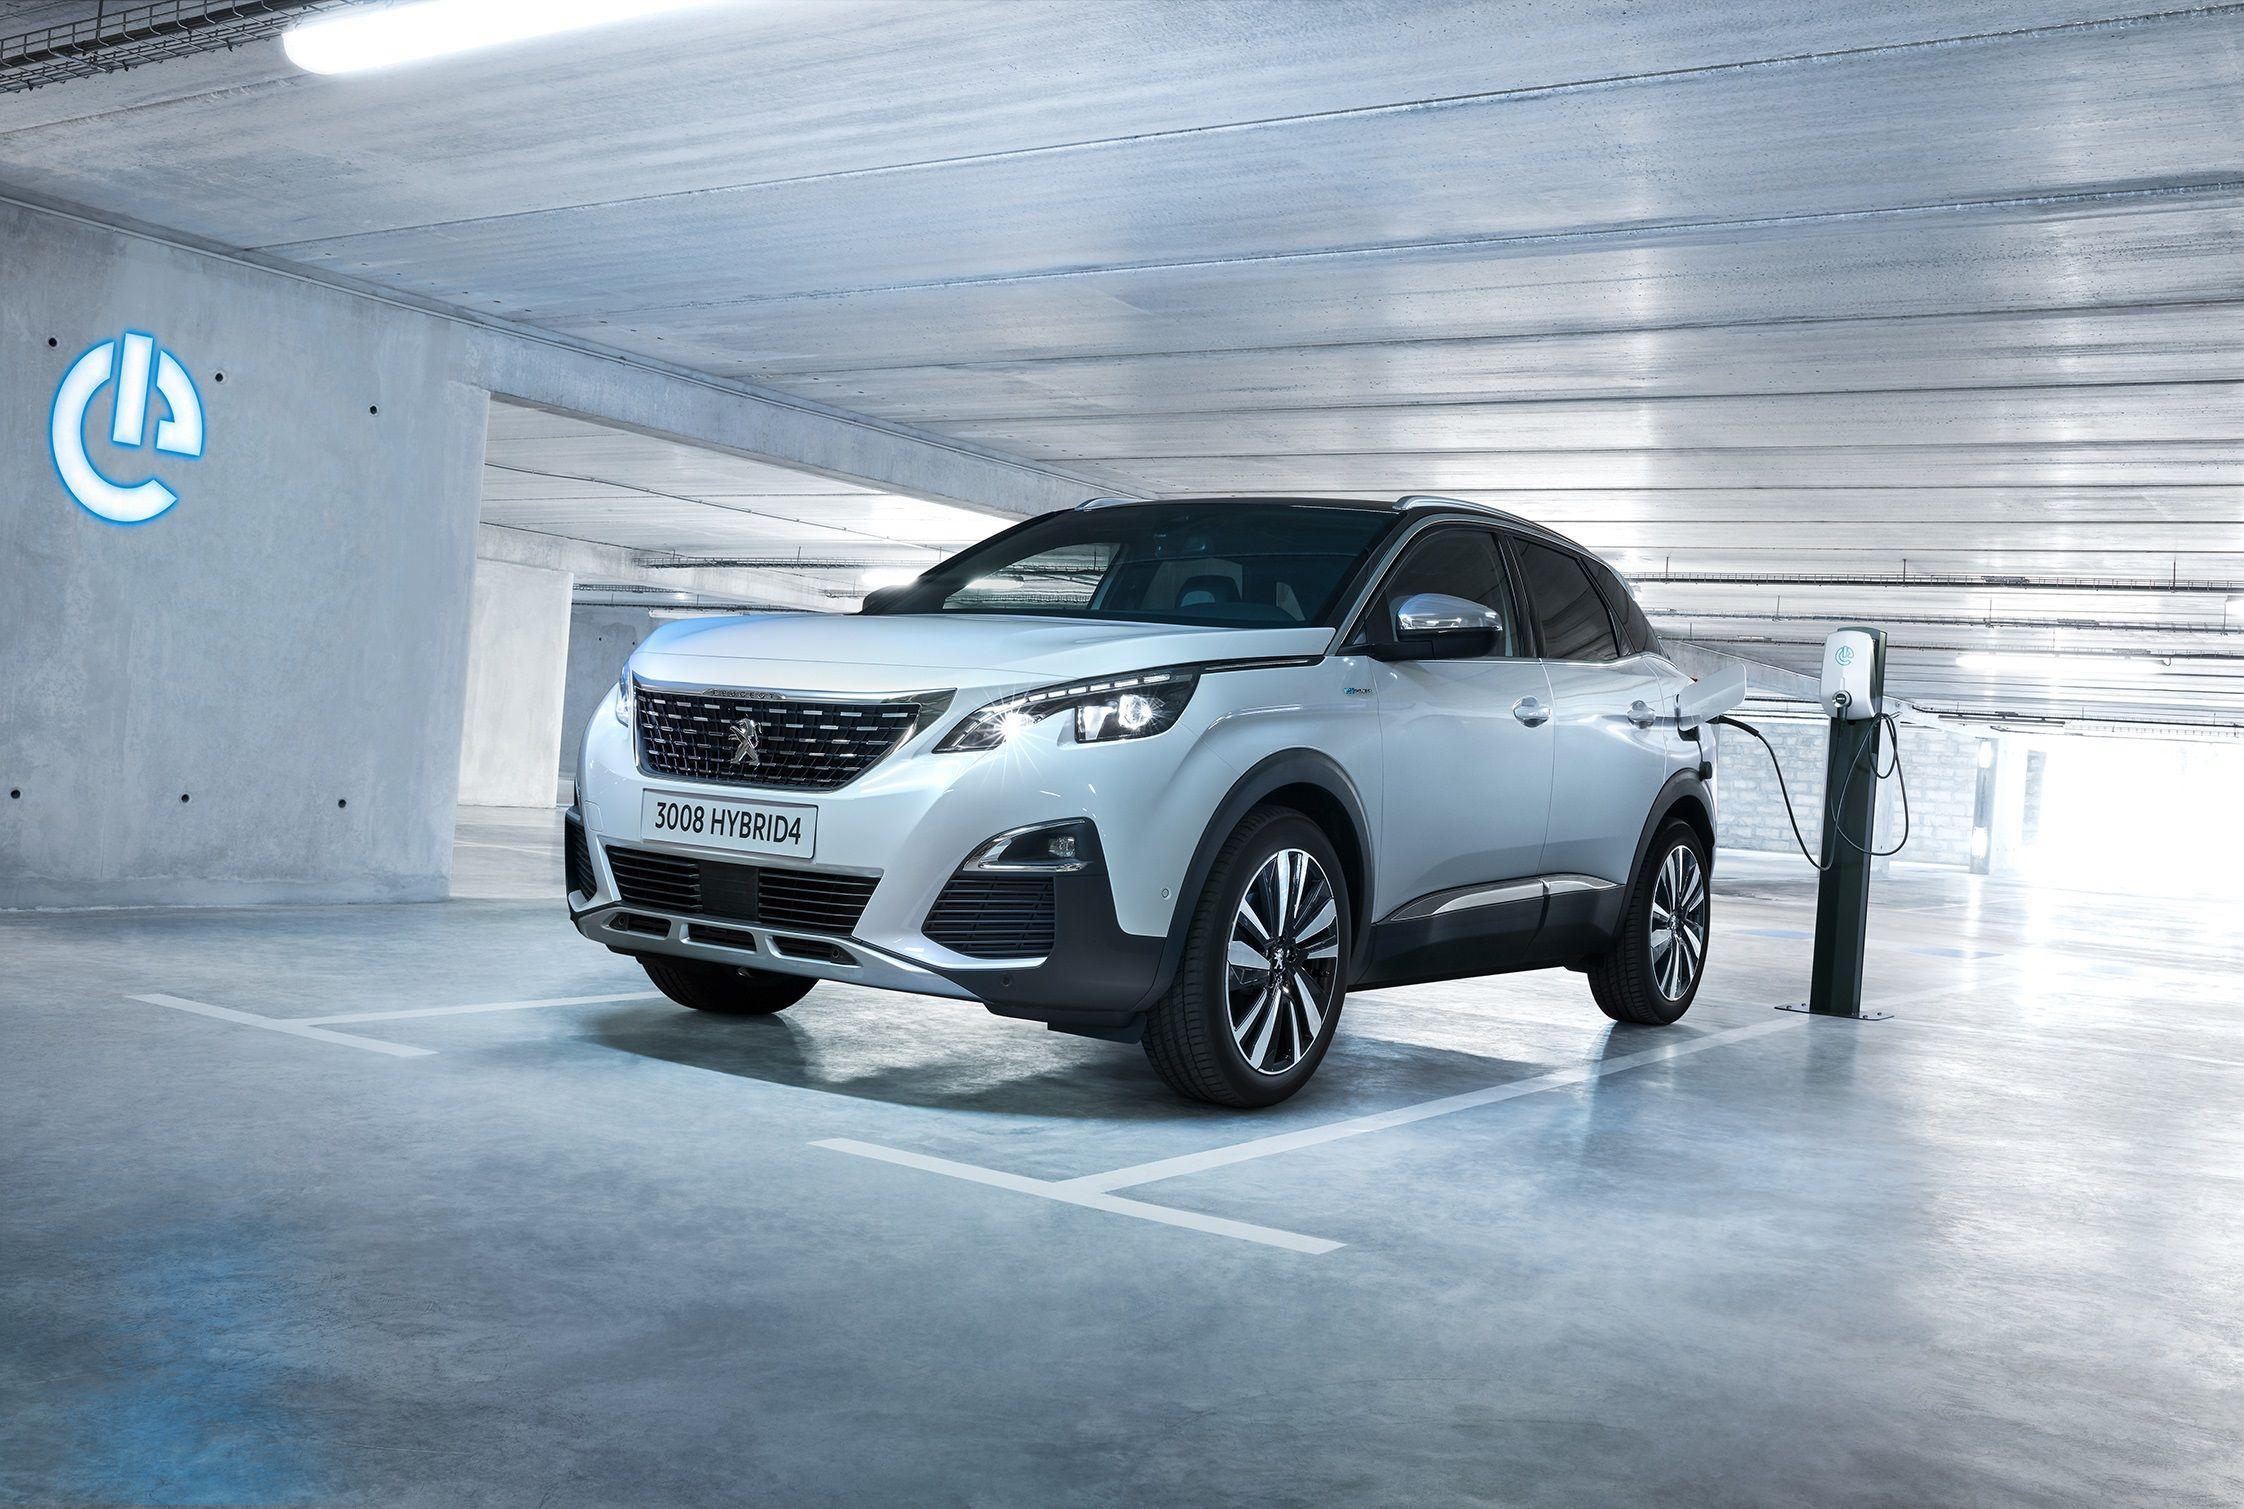 La gama Plug-In Hybrid Peugeot ya está en España: hasta 300 CV y 59 Km de autonomía en modo eléctrico